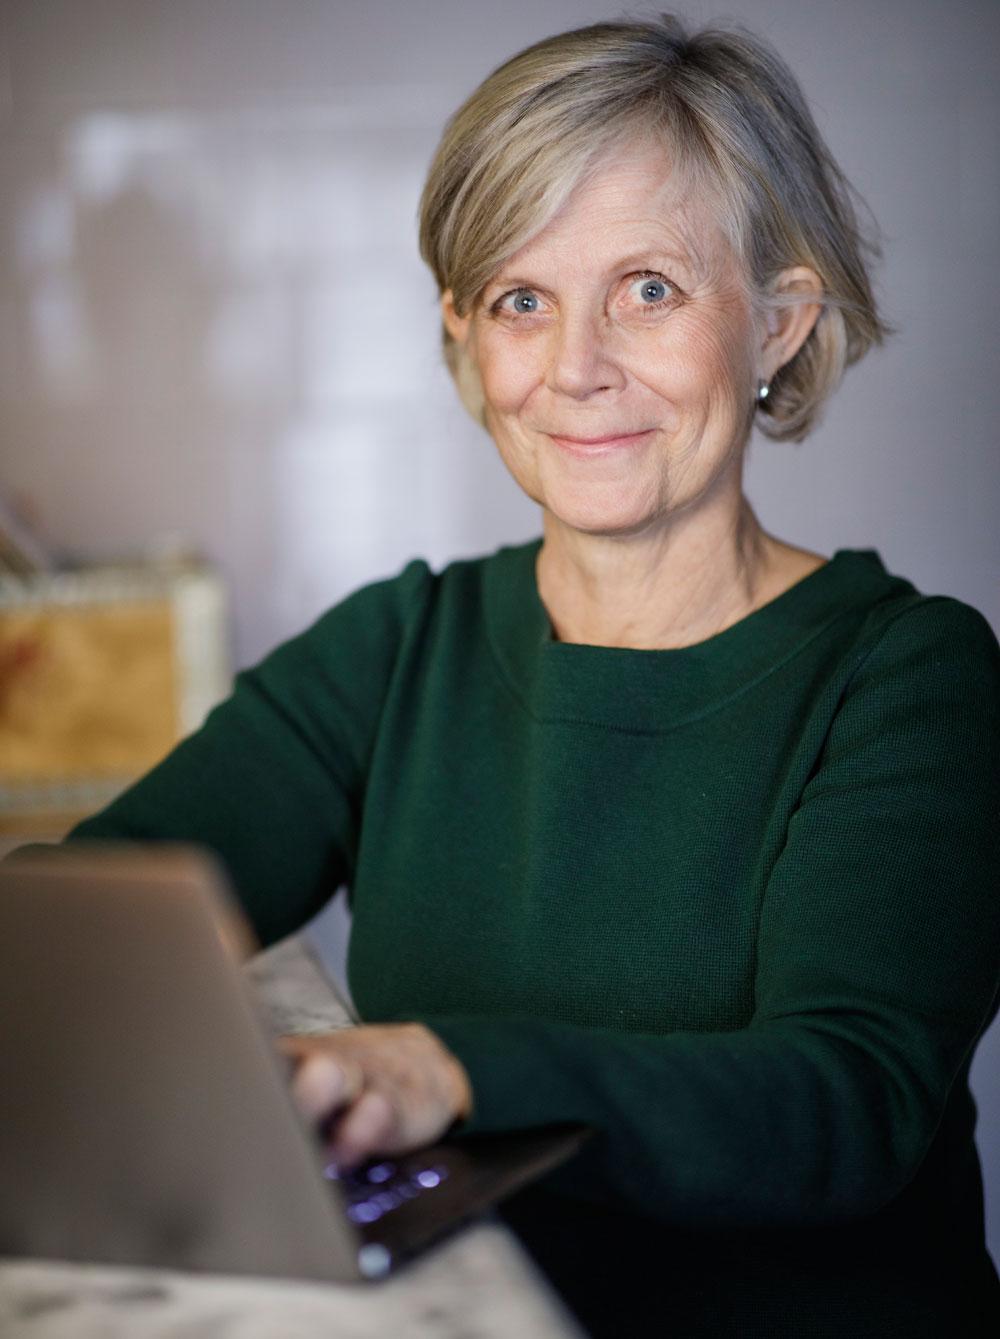 Ulrika Beck-Friis